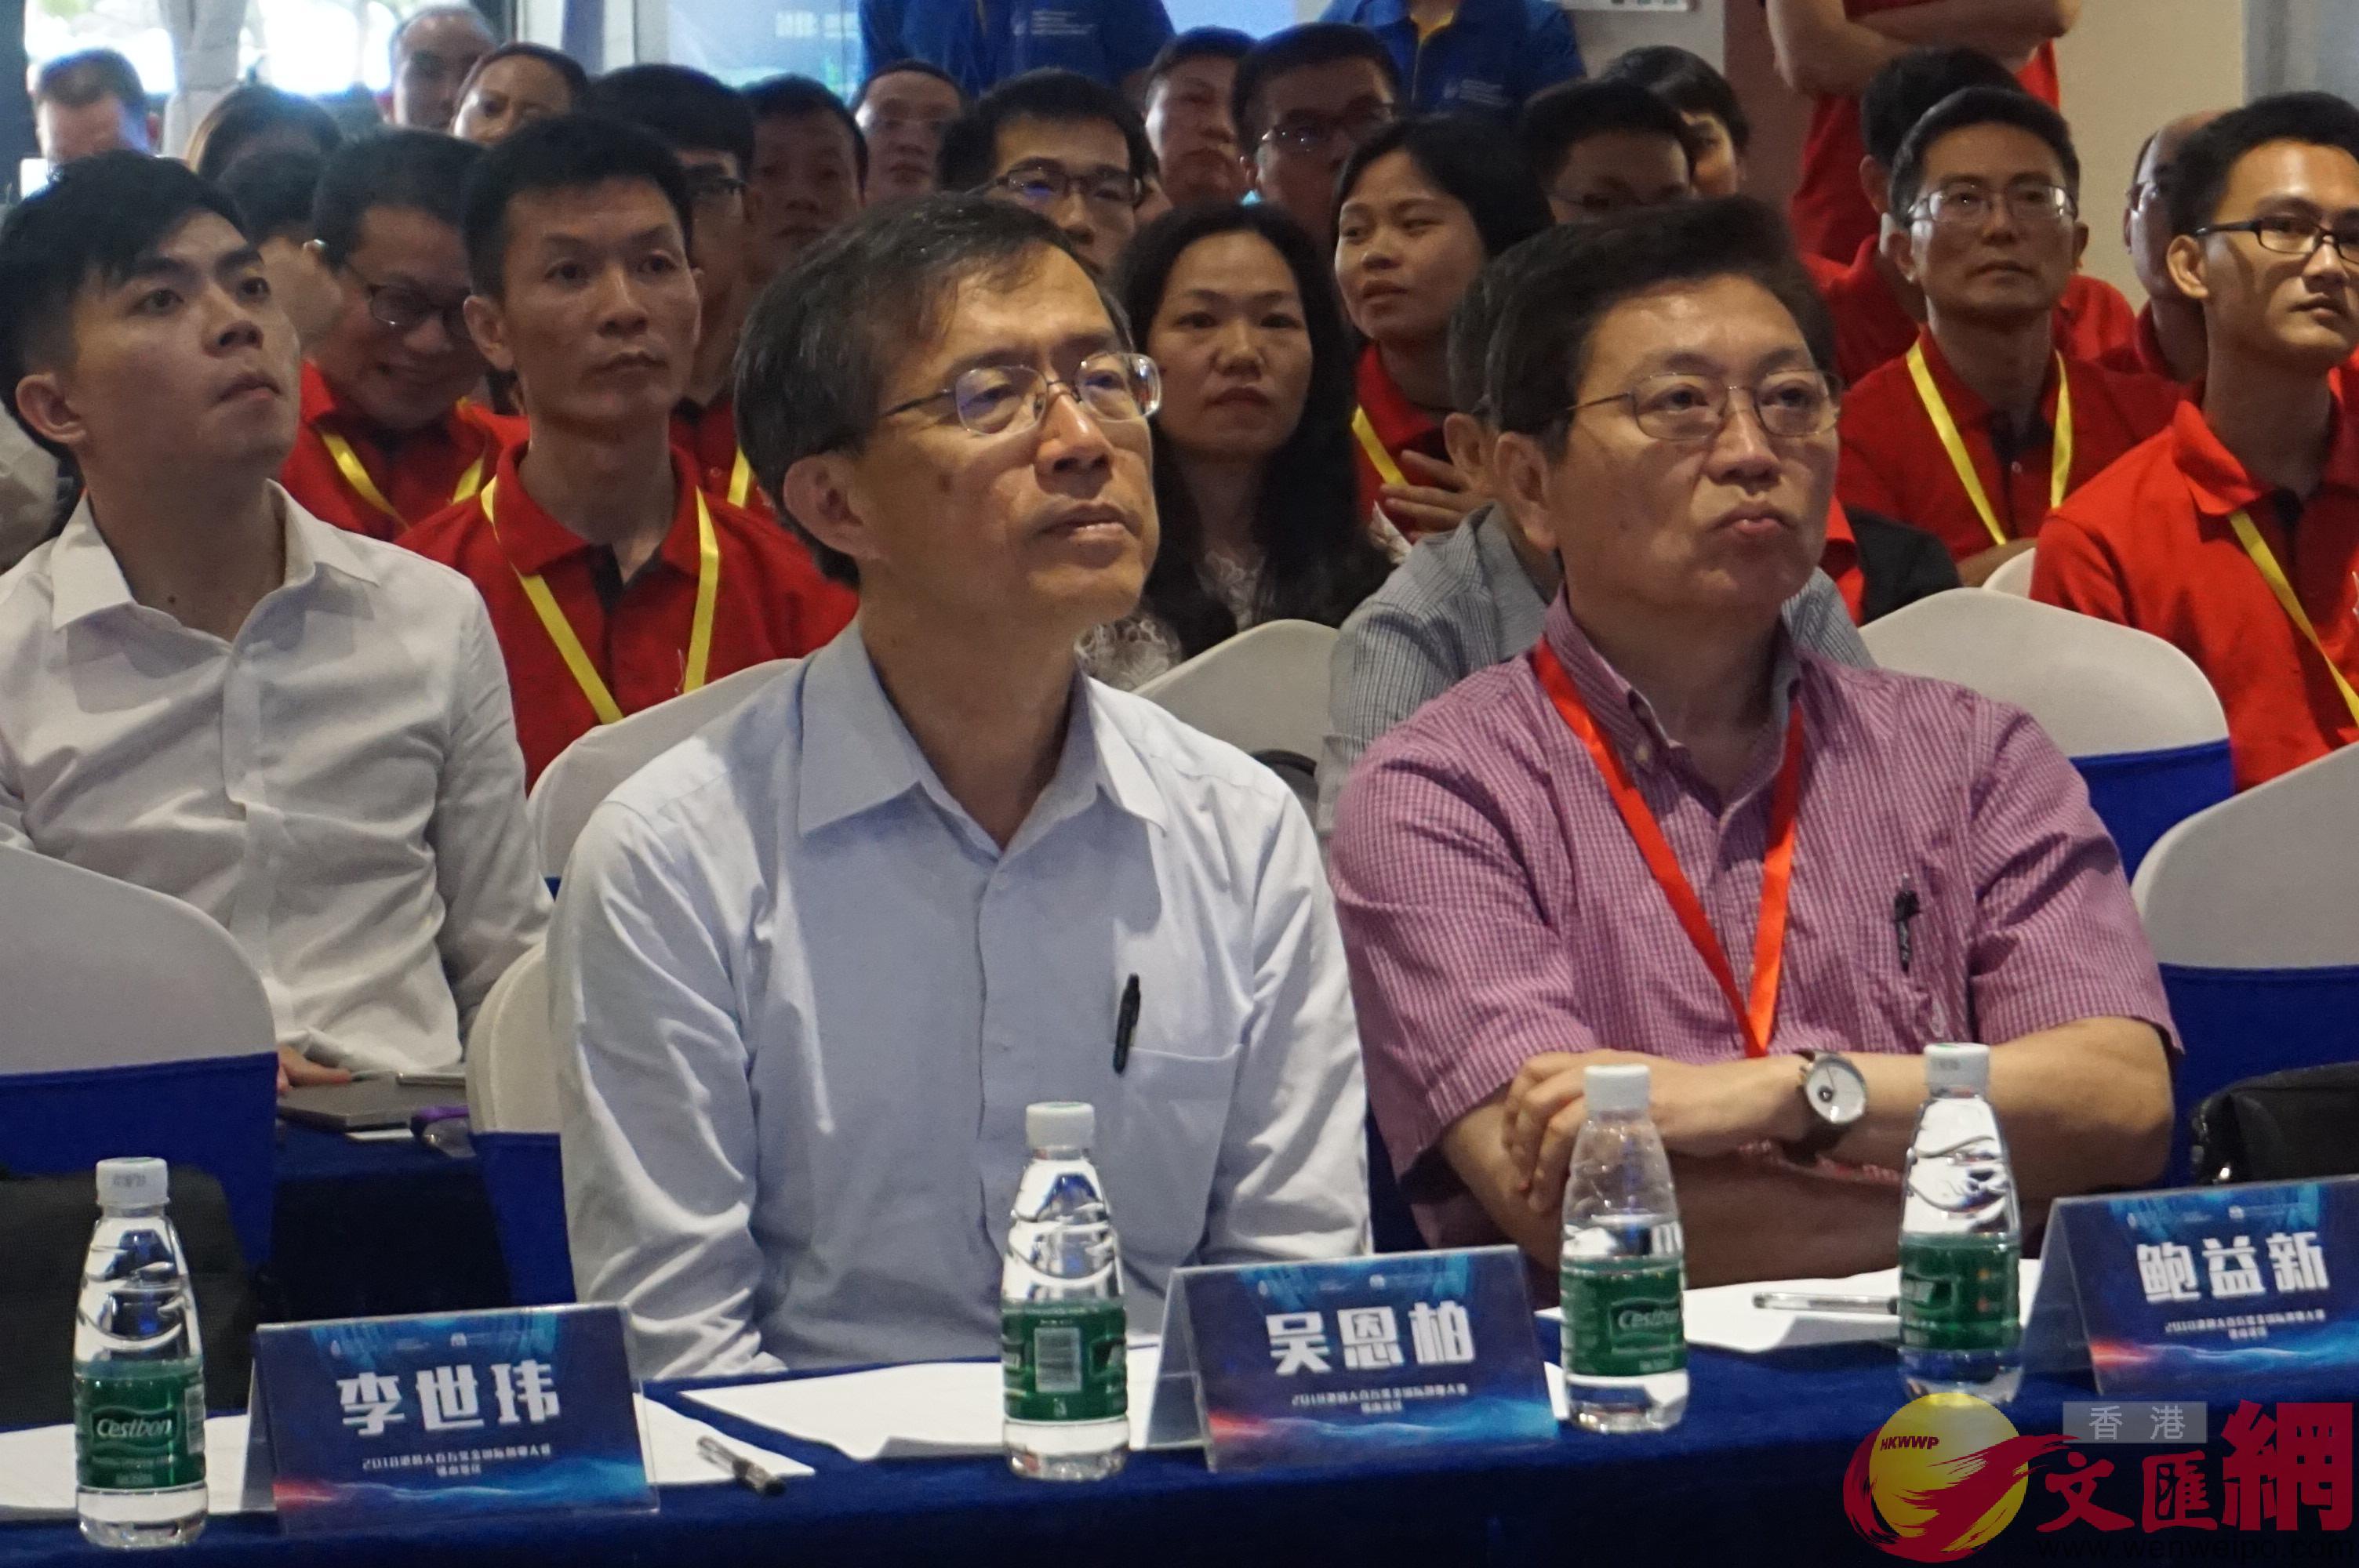 香港科技大學副校長吳恩柏在評審現場。(敖敏輝 攝)